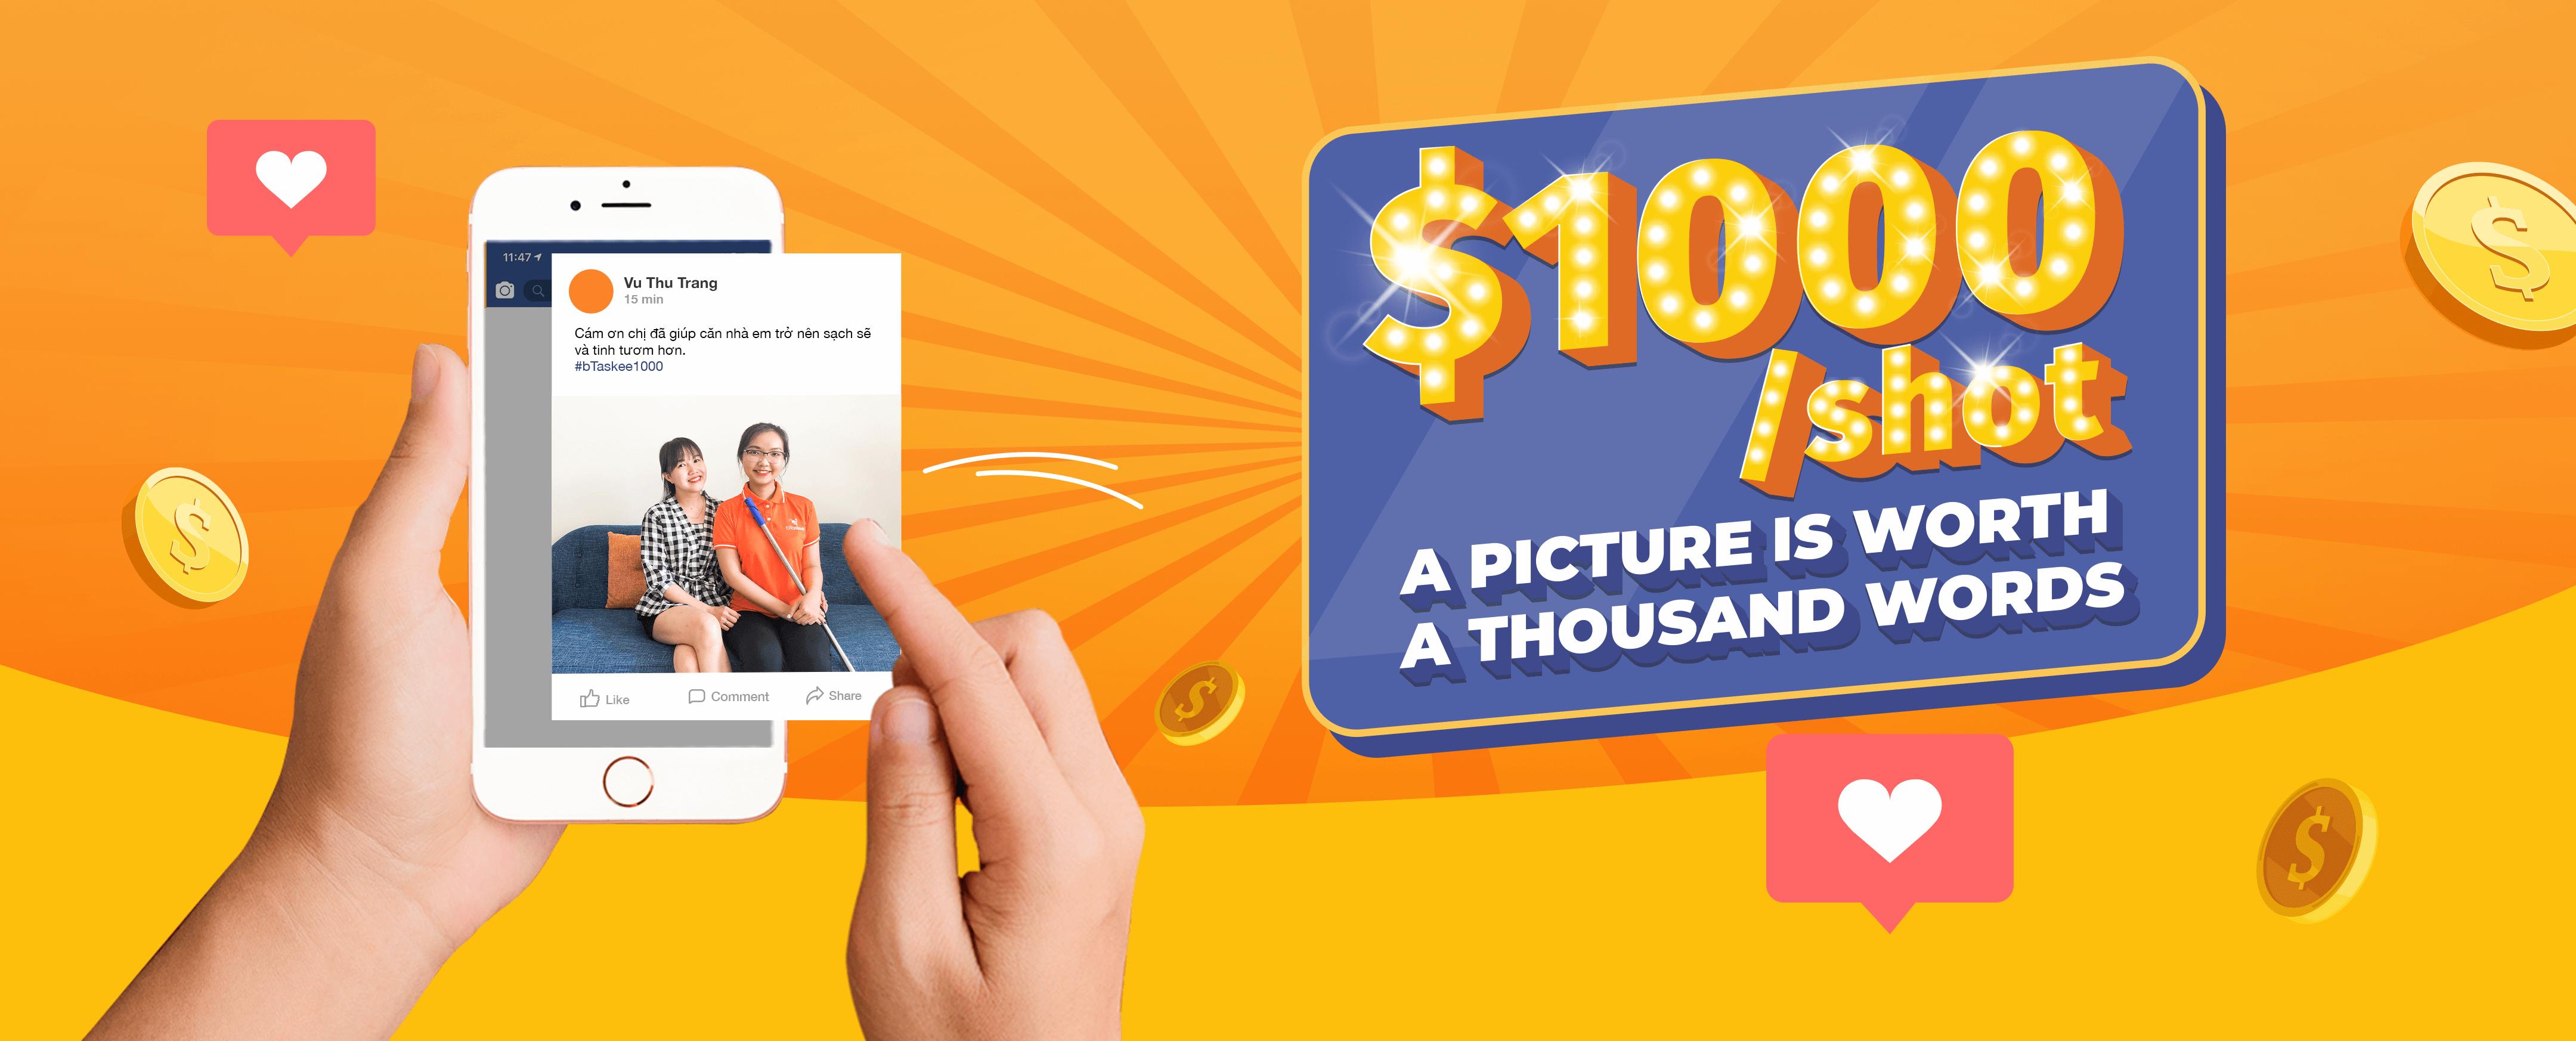 bTaskee-$1000shot_web_banner_(eng)